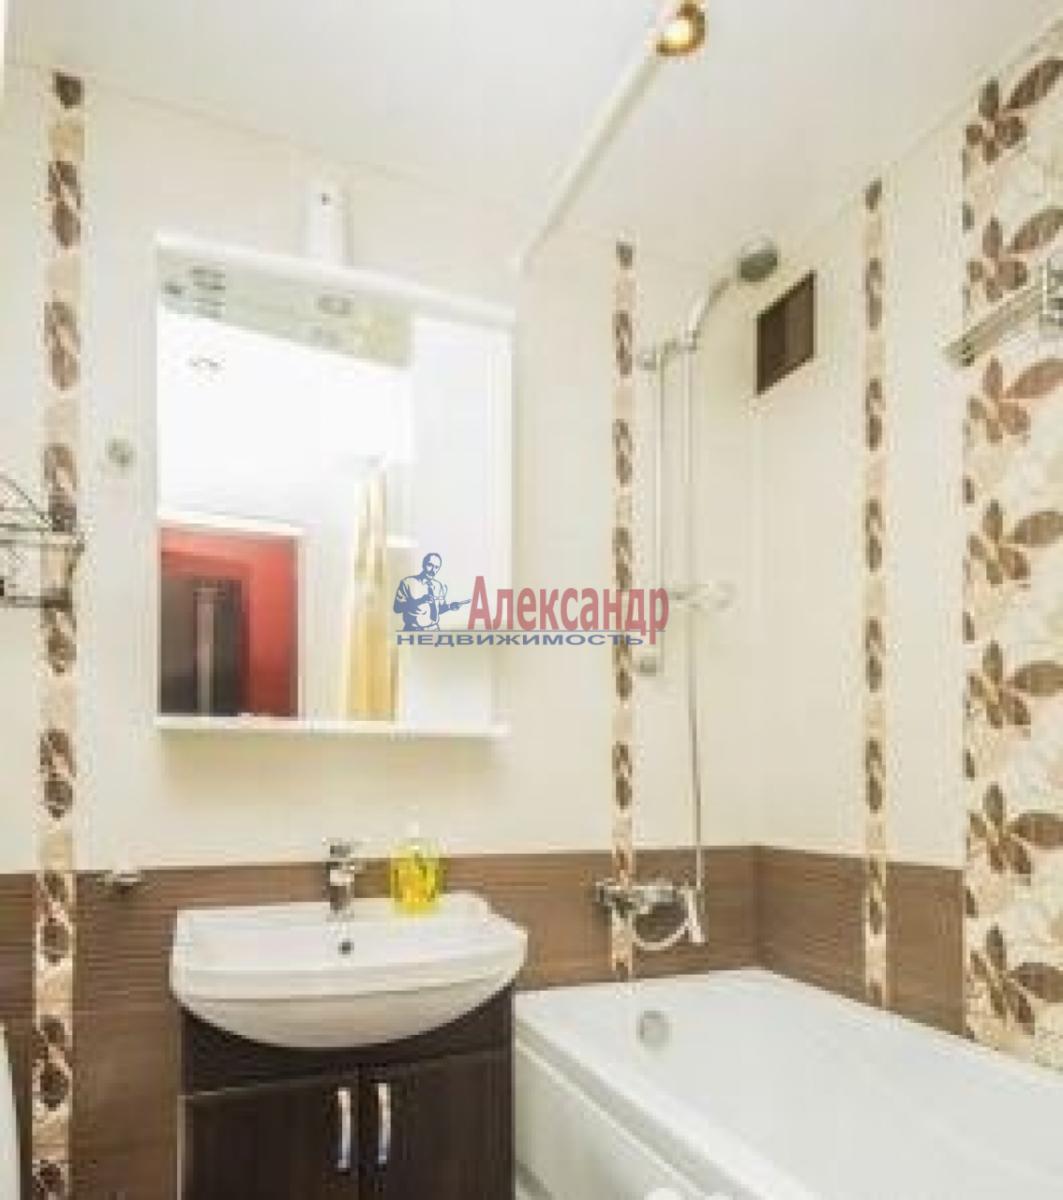 1-комнатная квартира (40м2) в аренду по адресу Лени Голикова ул., 29— фото 6 из 6